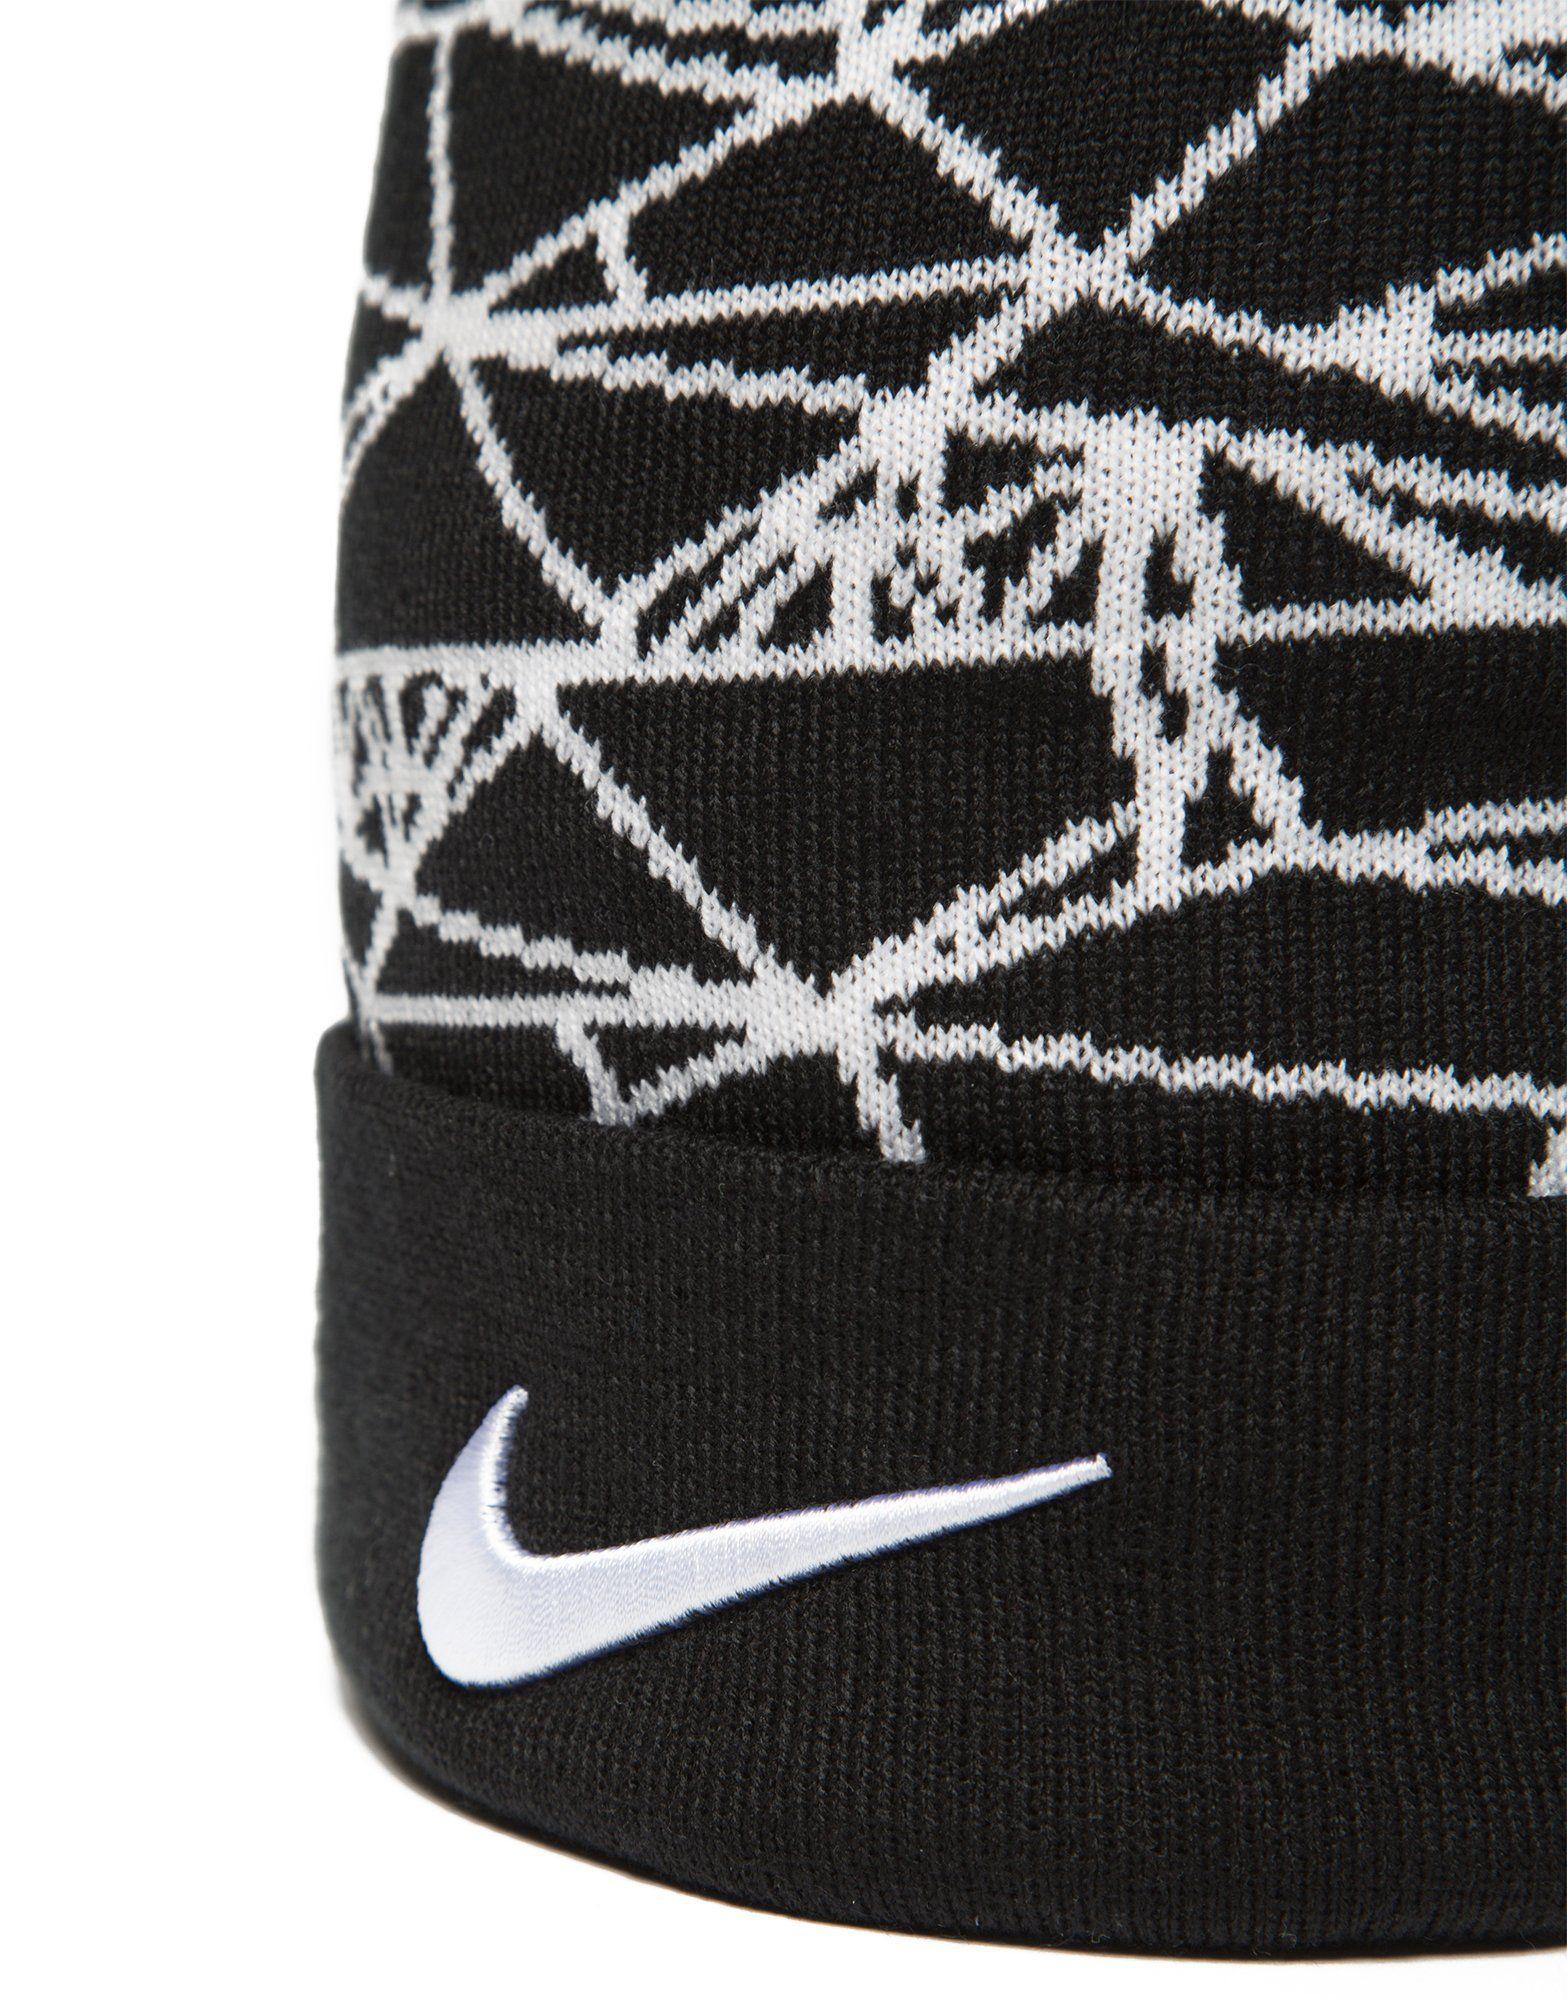 Nike Winterize Beanie